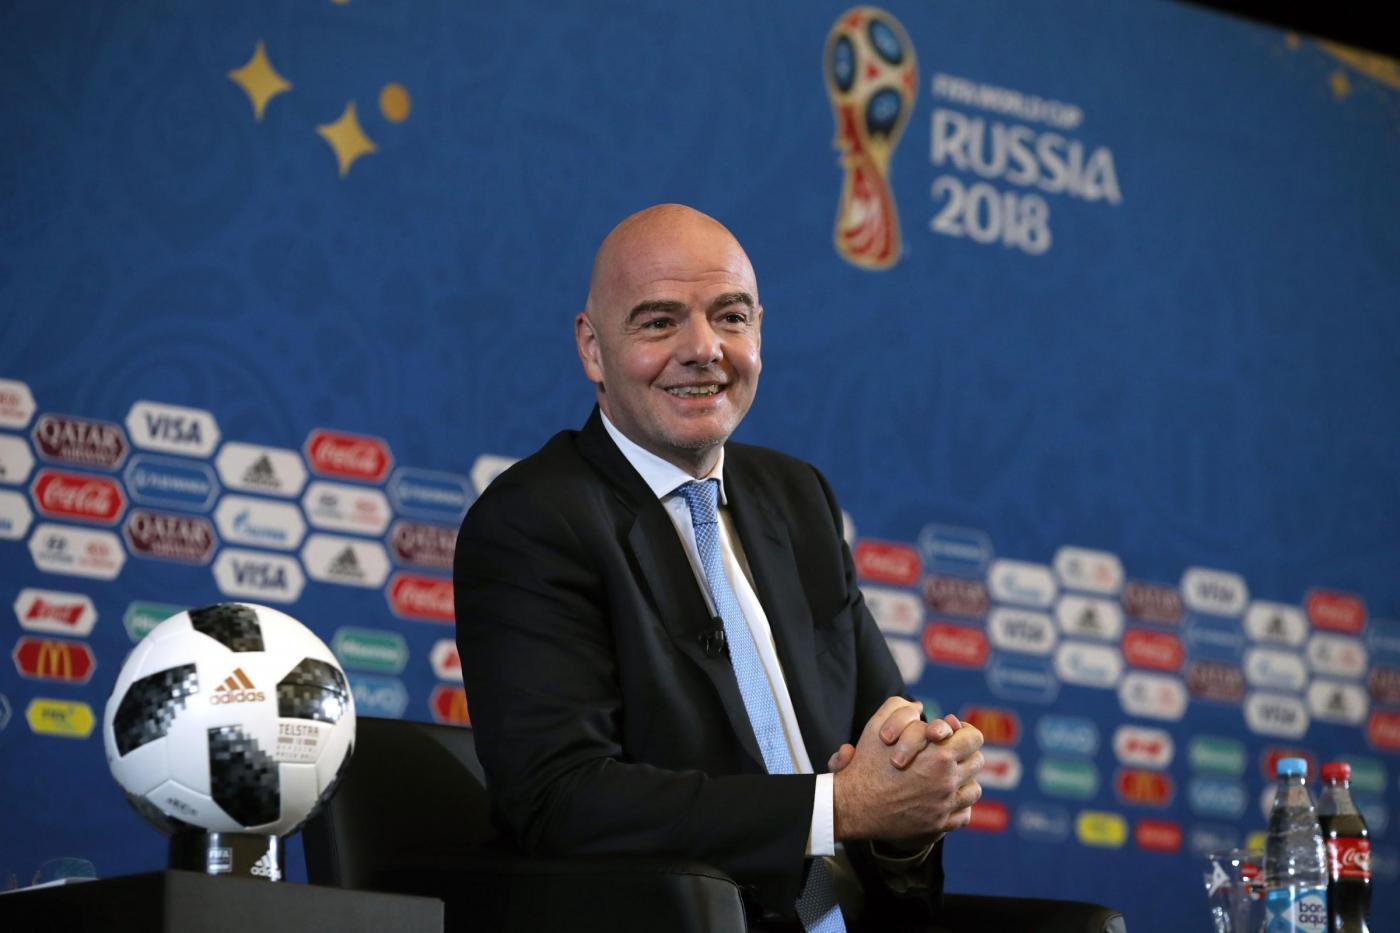 Spagna: la FIFA minaccia l'esclusione dal mondiale per il caso Villar